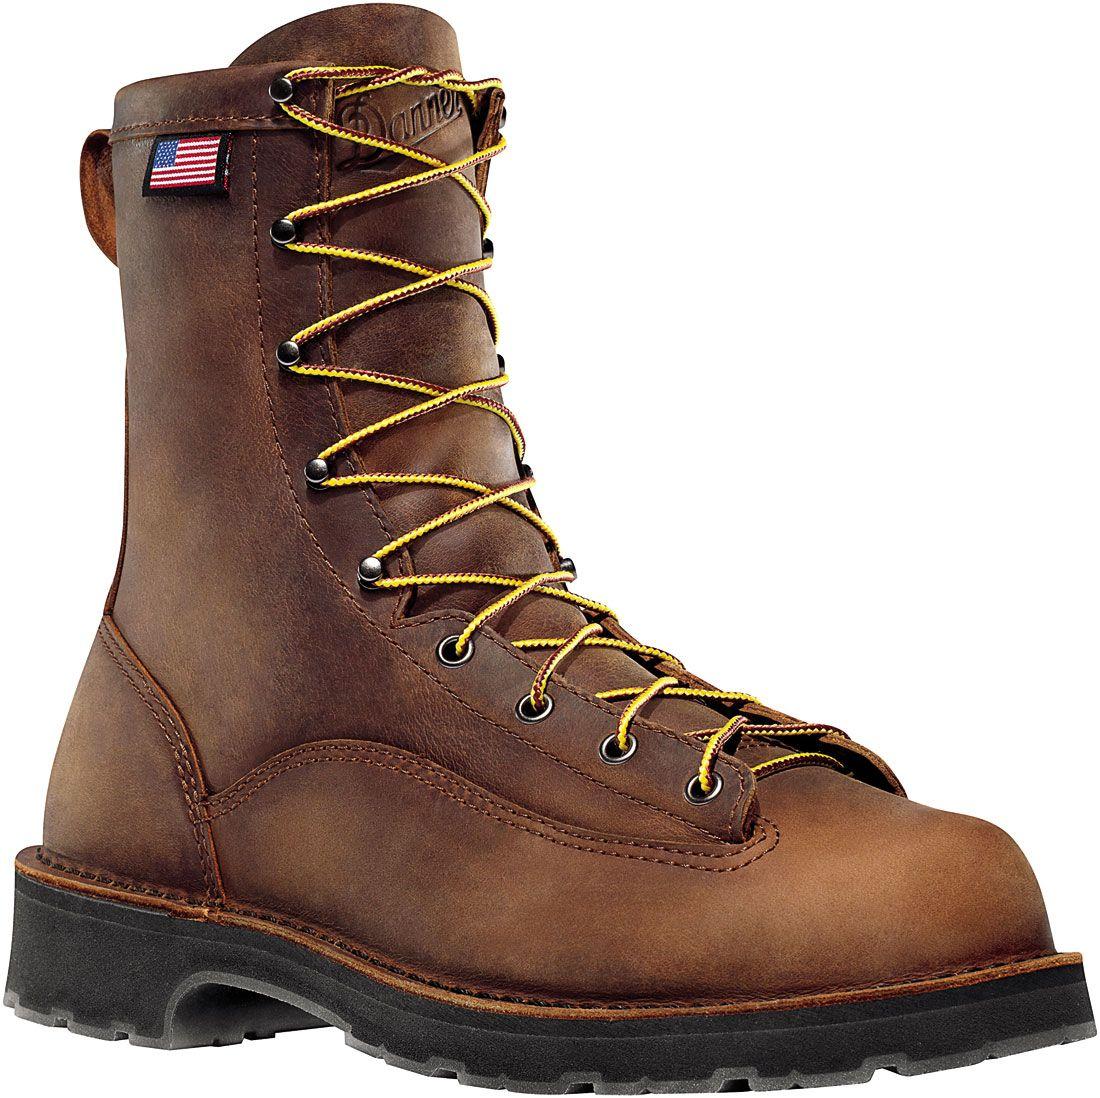 15550 Danner Men S Bull Run Brn Work Boots Brown Boots Work